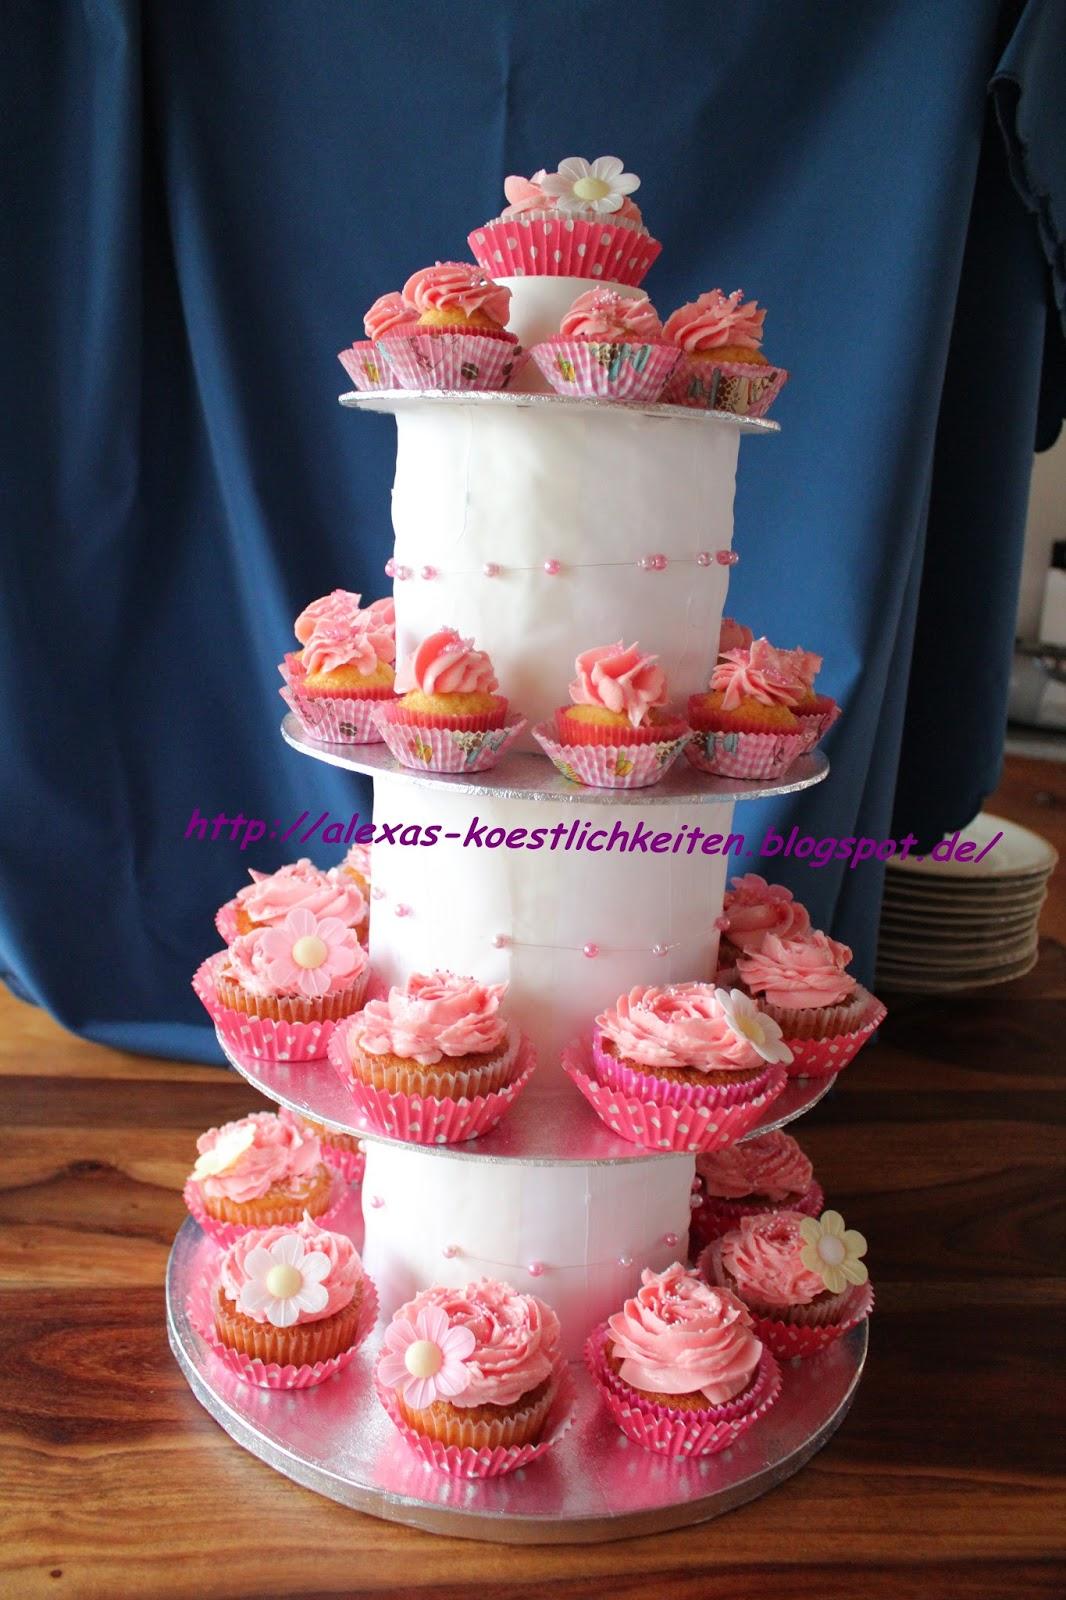 Cupcake Hochzeitstorte ♥ Ein Traum in rosa ♥